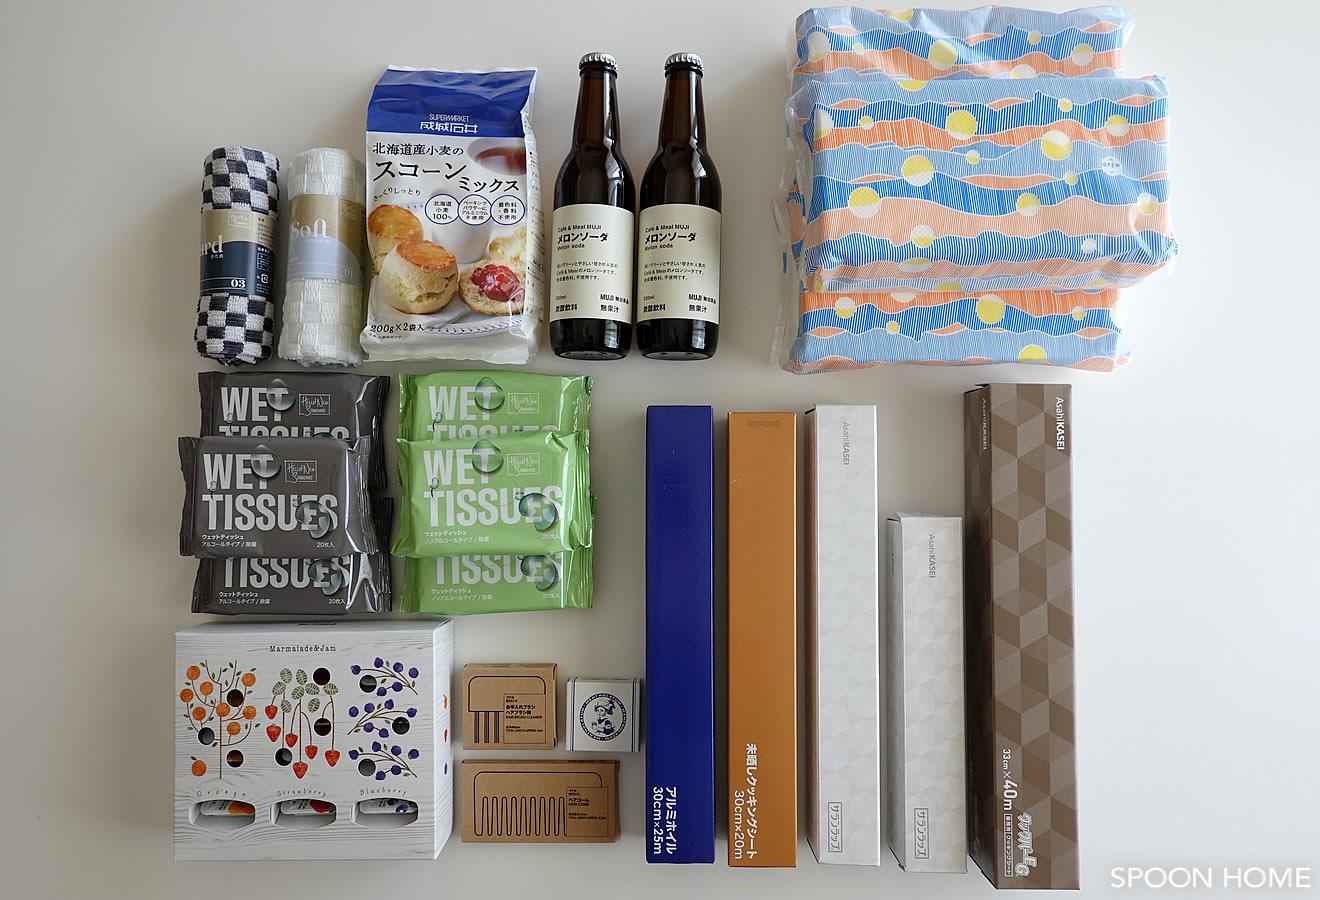 2020年に購入したロハコのおしゃれなパッケージ商品画像